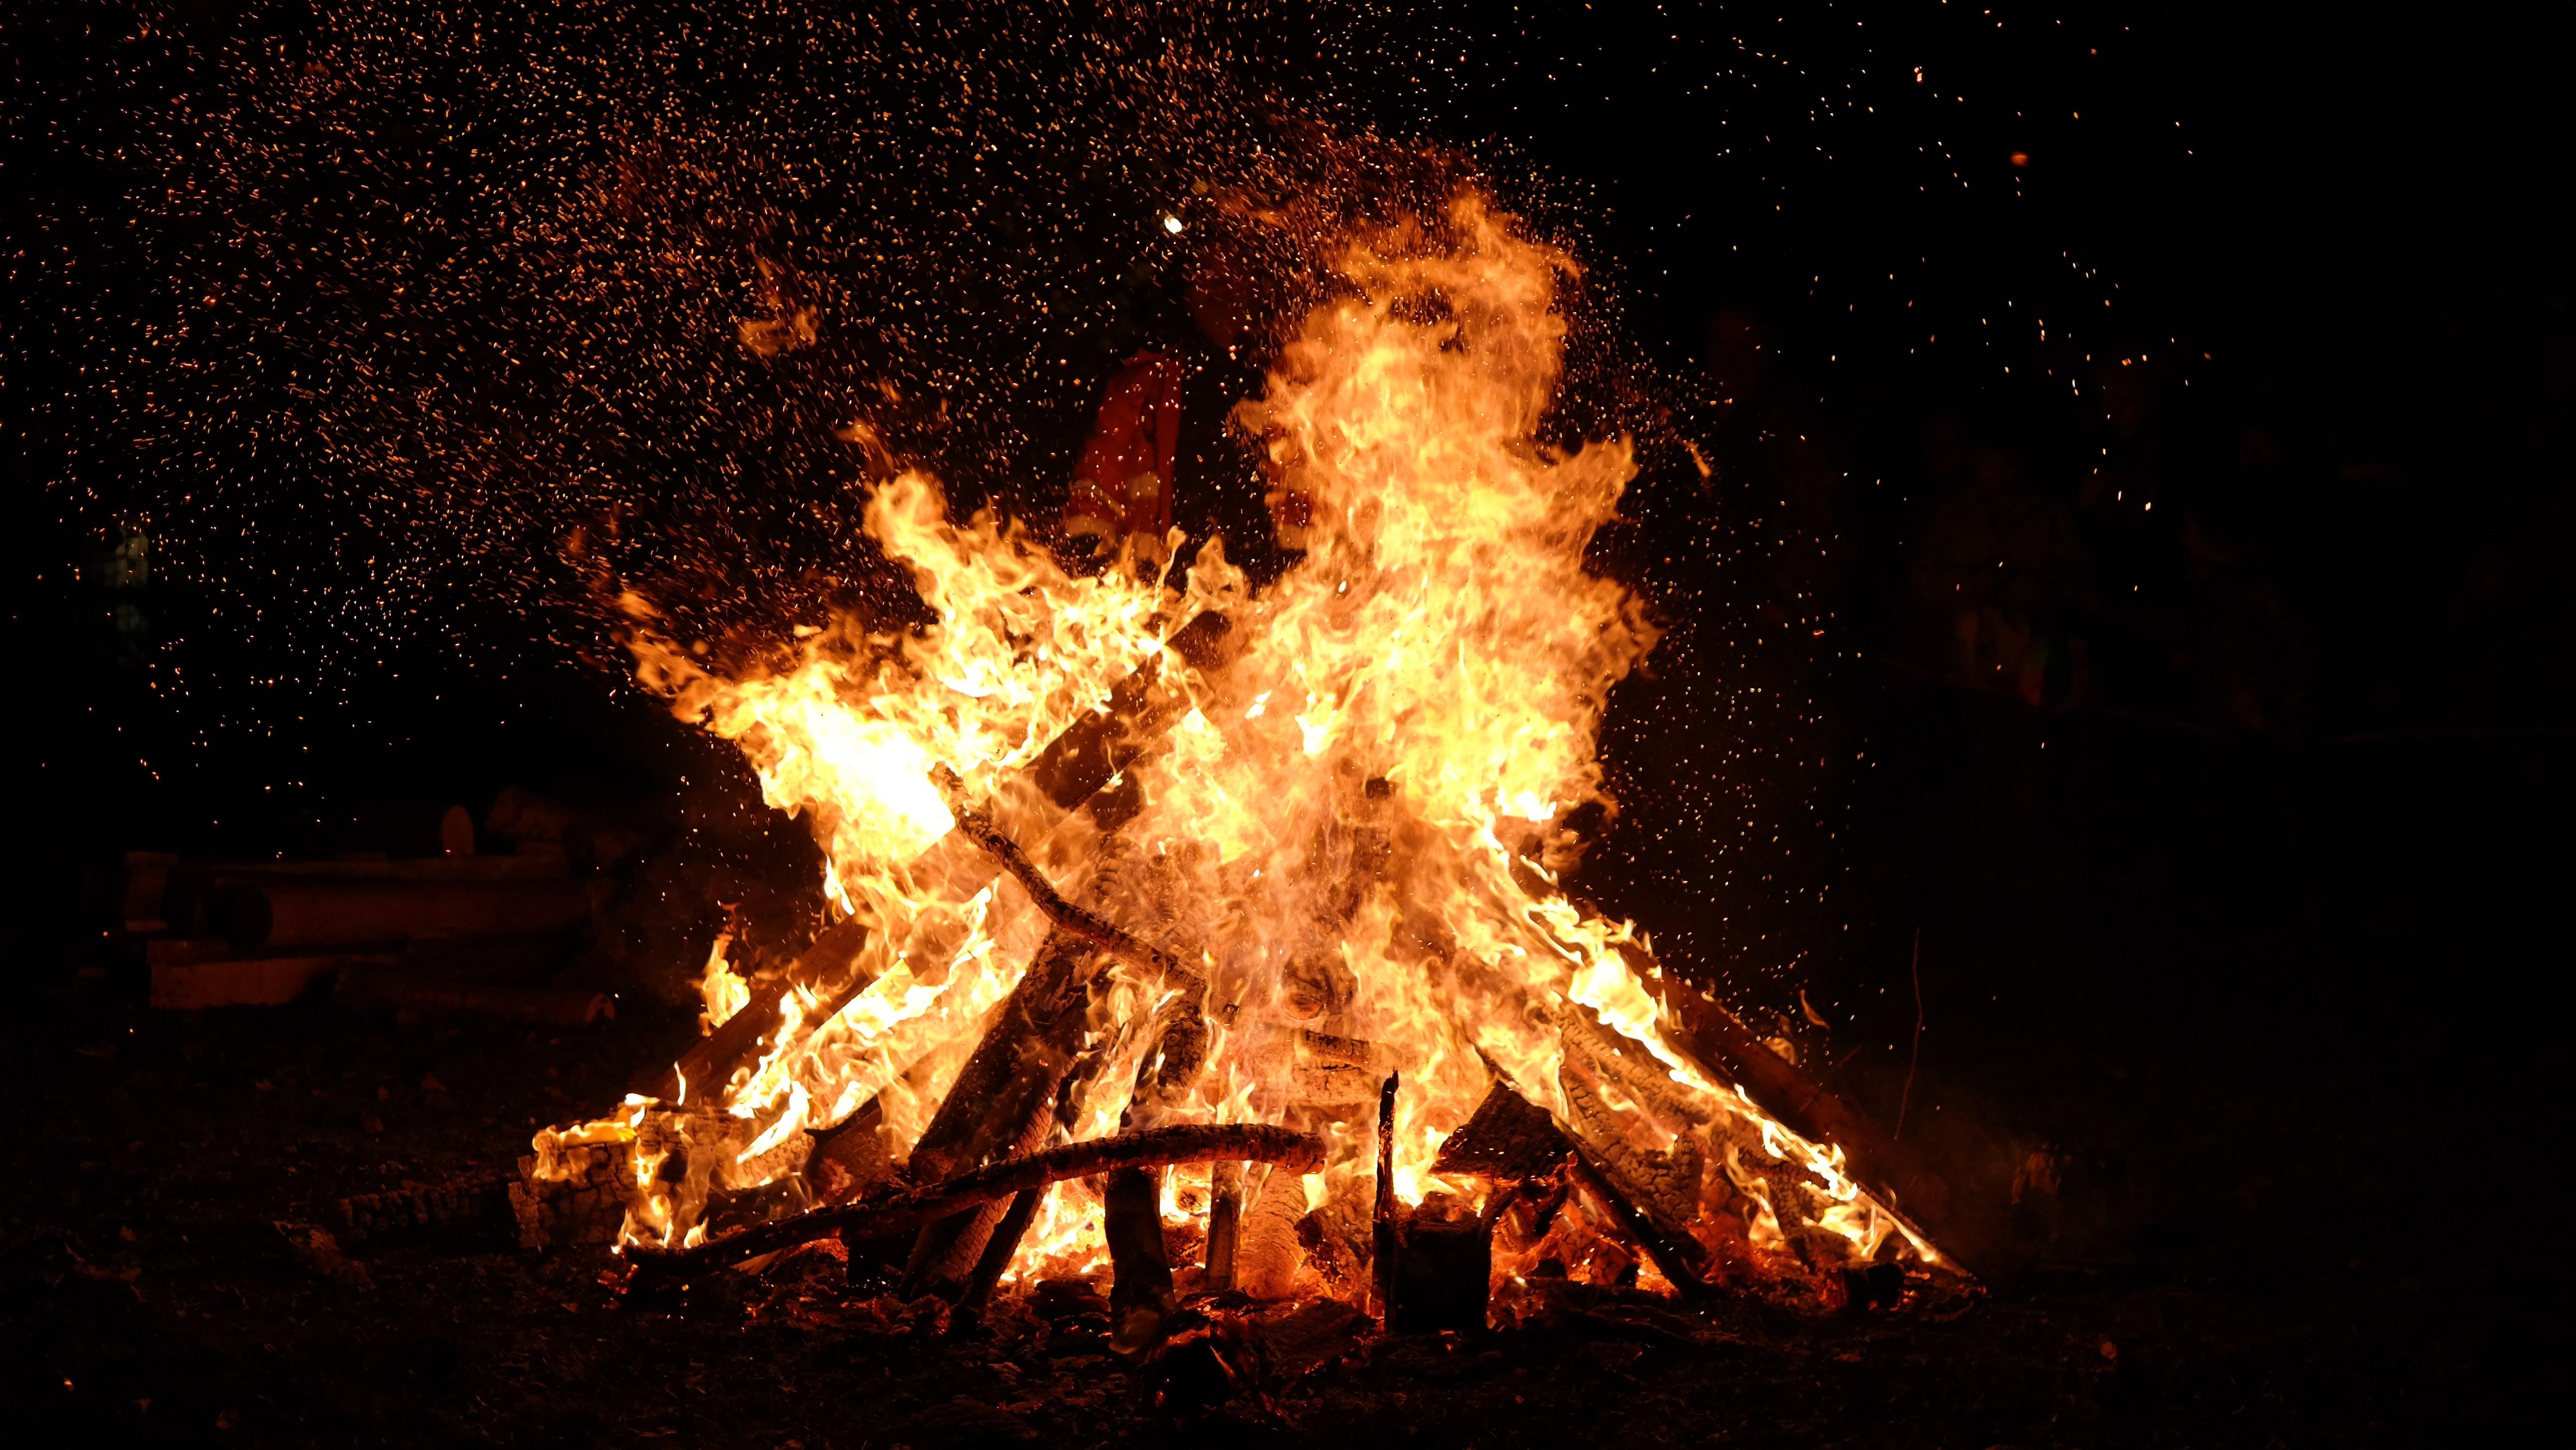 Δωρεάν στοκ φωτογραφιών με ανάβω φωτιά, γκρο πλαν, ζεστός, θερμά